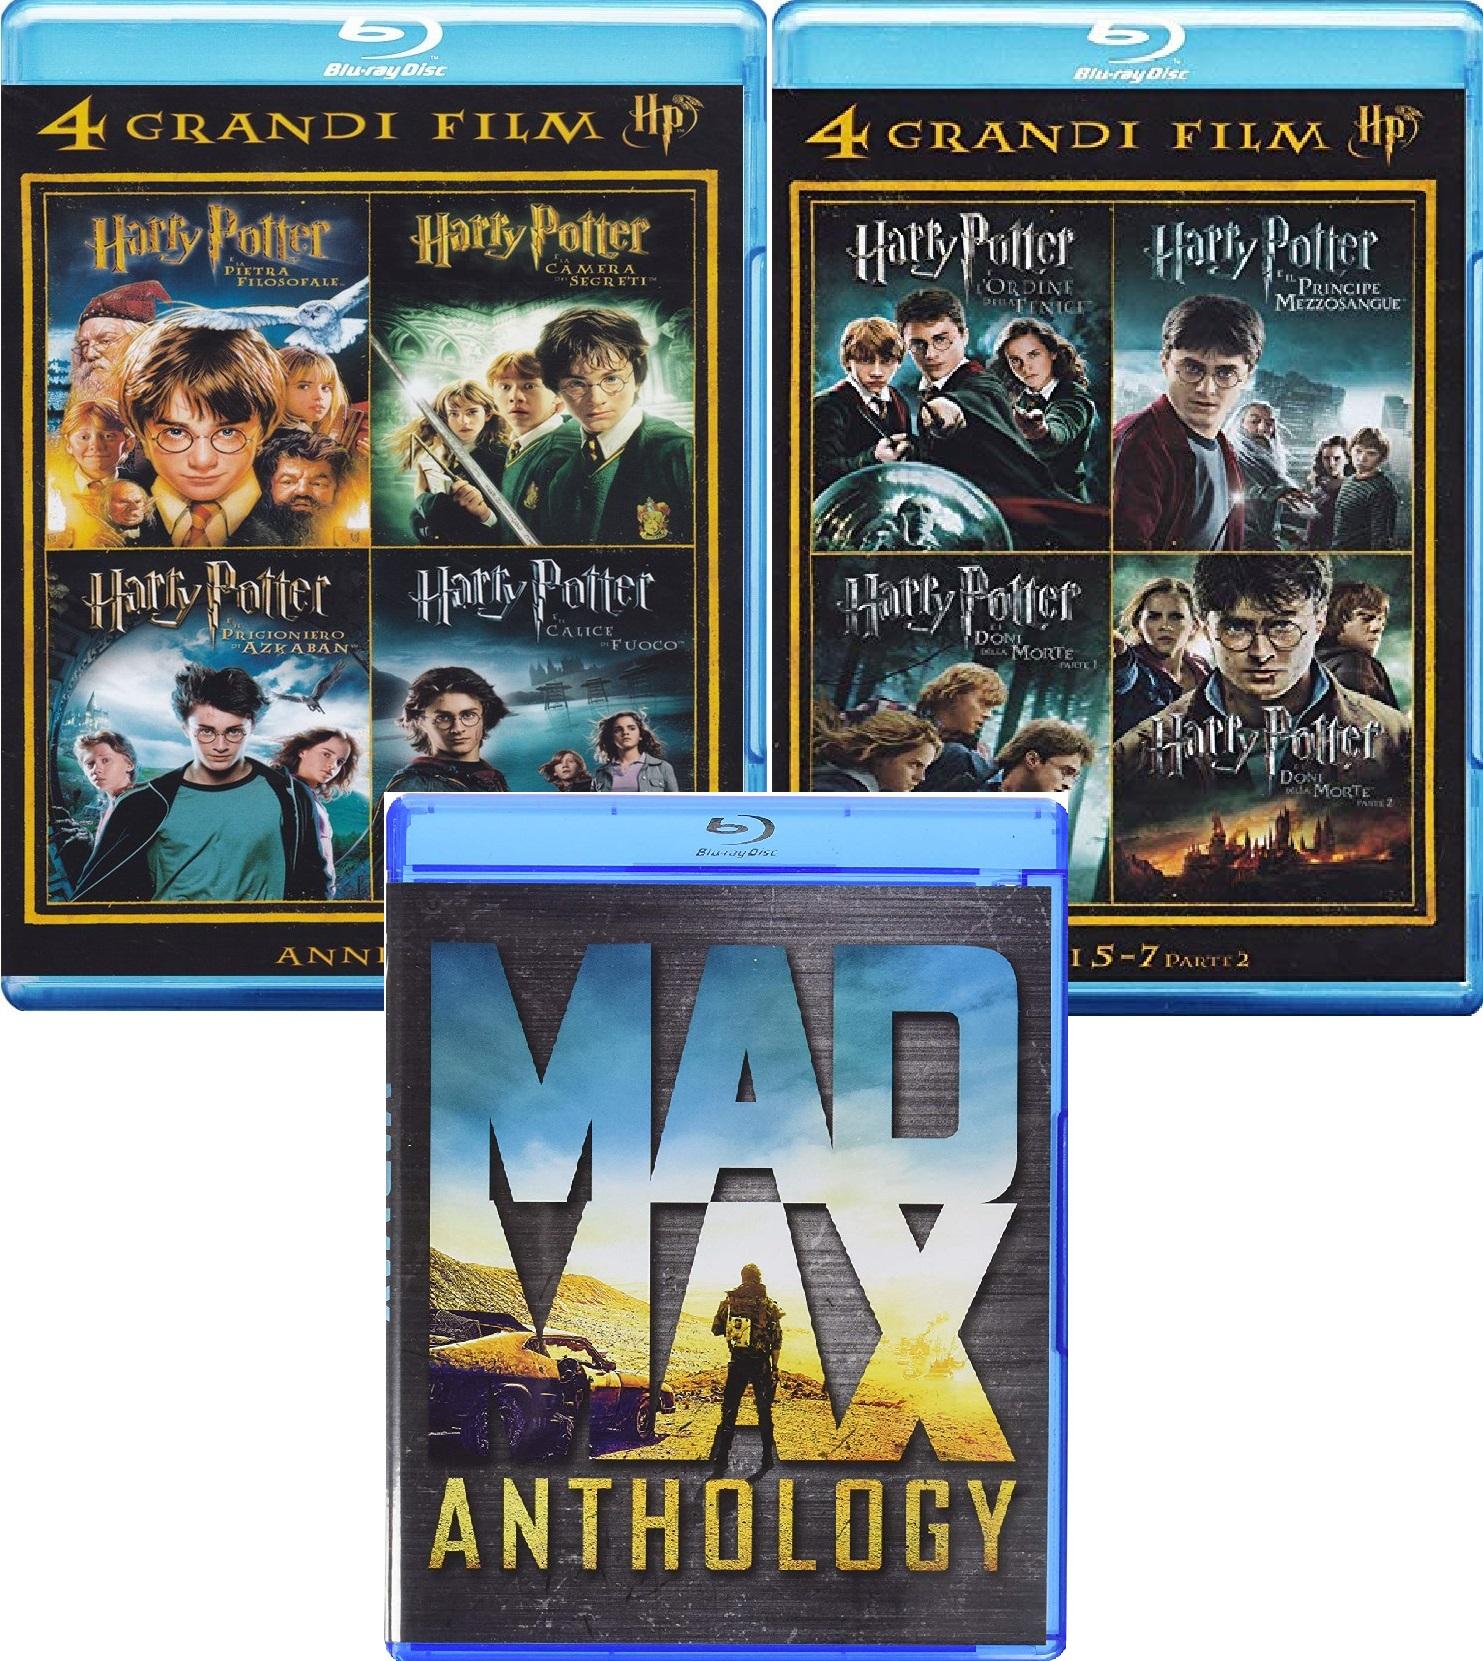 [Amazon.it] Harry Potter 1-7.2 + Mad Max Anthology Blu-ray zusammen für nur 24,35 inkl. Versand